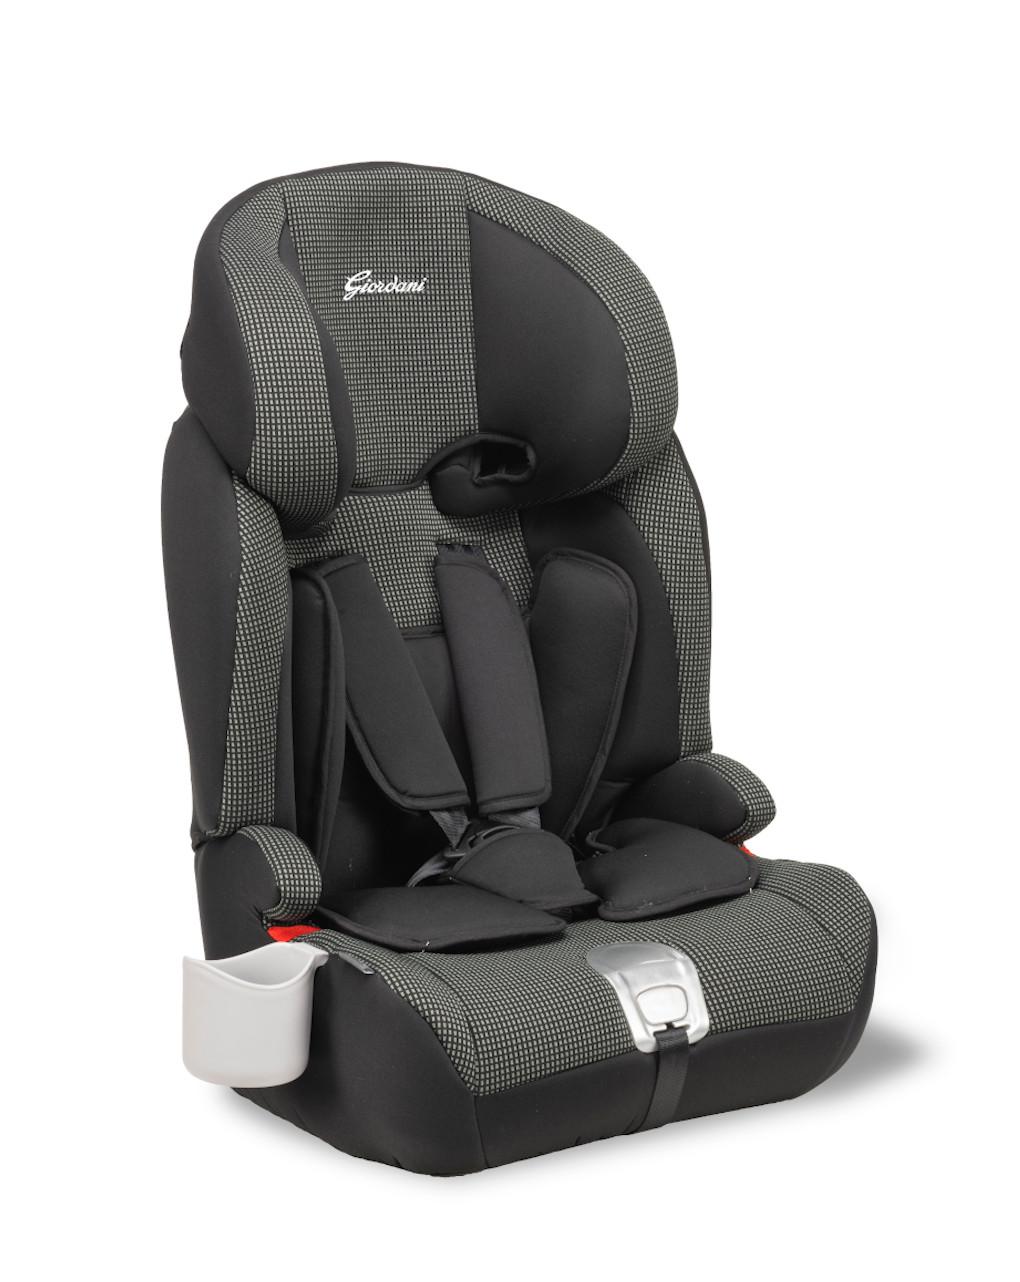 Cadeira auto giordani pegasus 2 isofix preta - Giordani